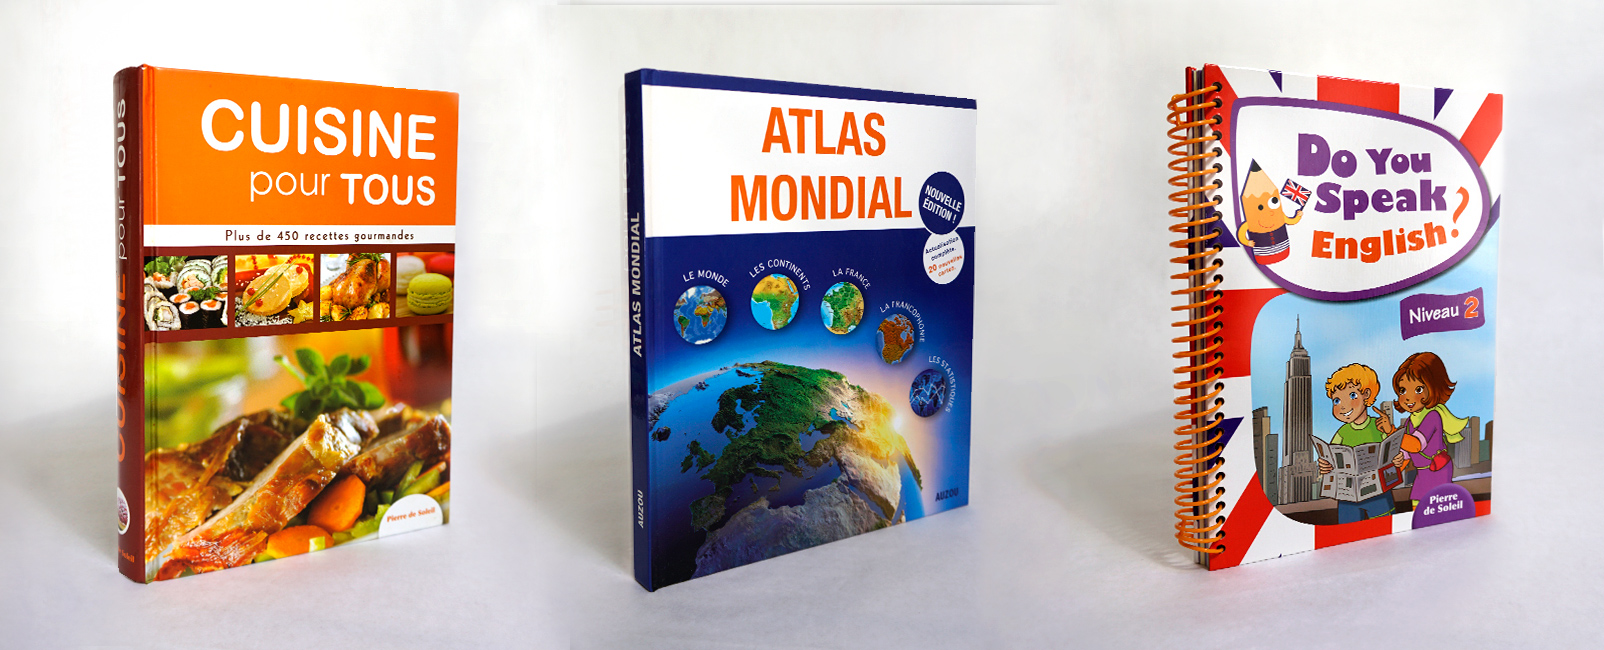 Design couvertures de livres : Atlas, recettes et cahier d'anglais